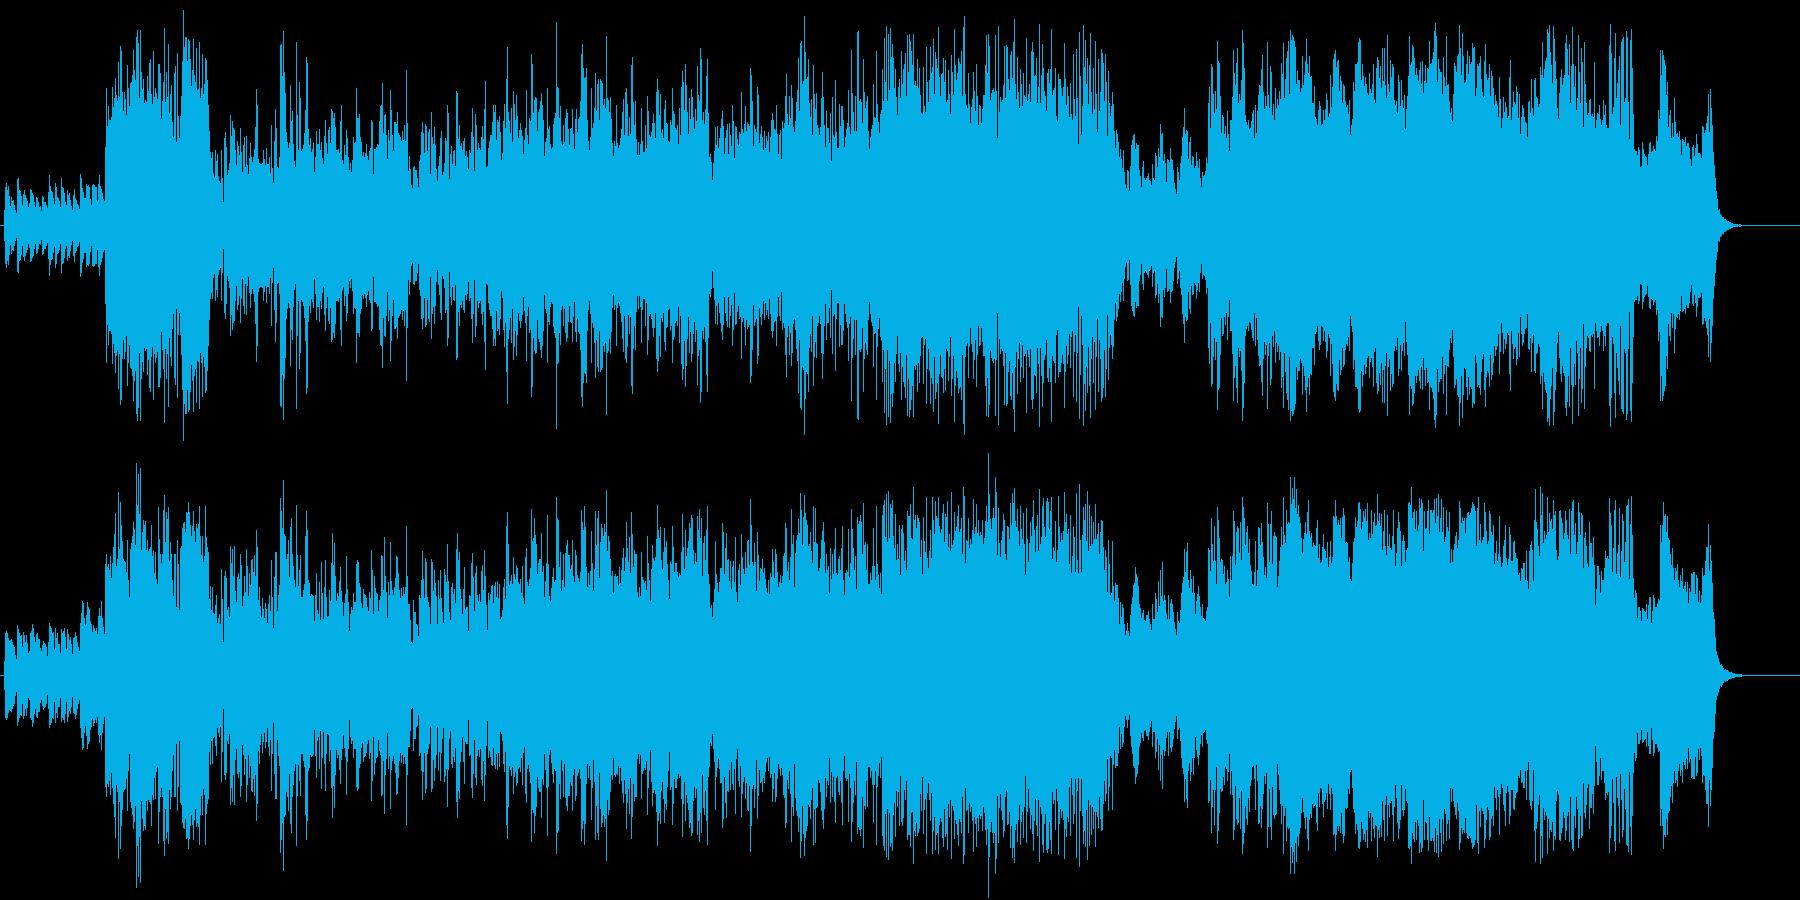 メリハリが効いた壮大なるオーケストラの再生済みの波形